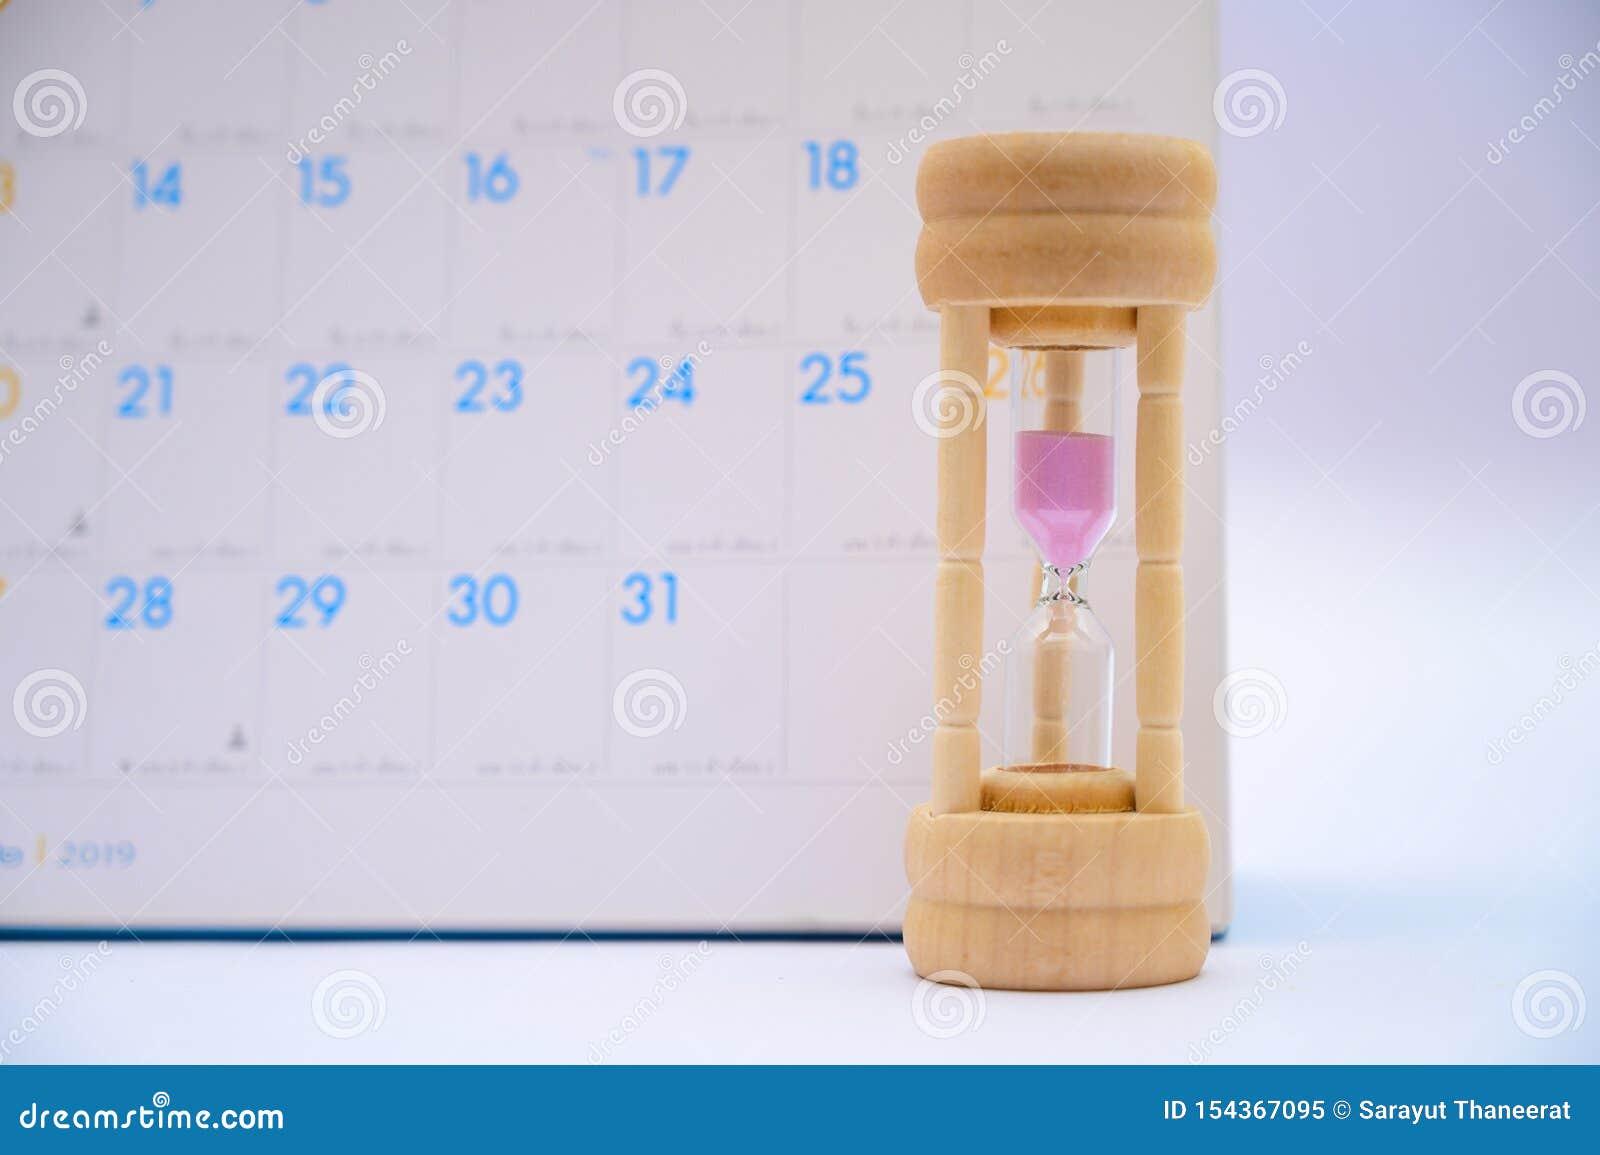 Sablier avec le temps écoulé de jours d idées de calendrier dans chaque période et rendez-vous ou attente